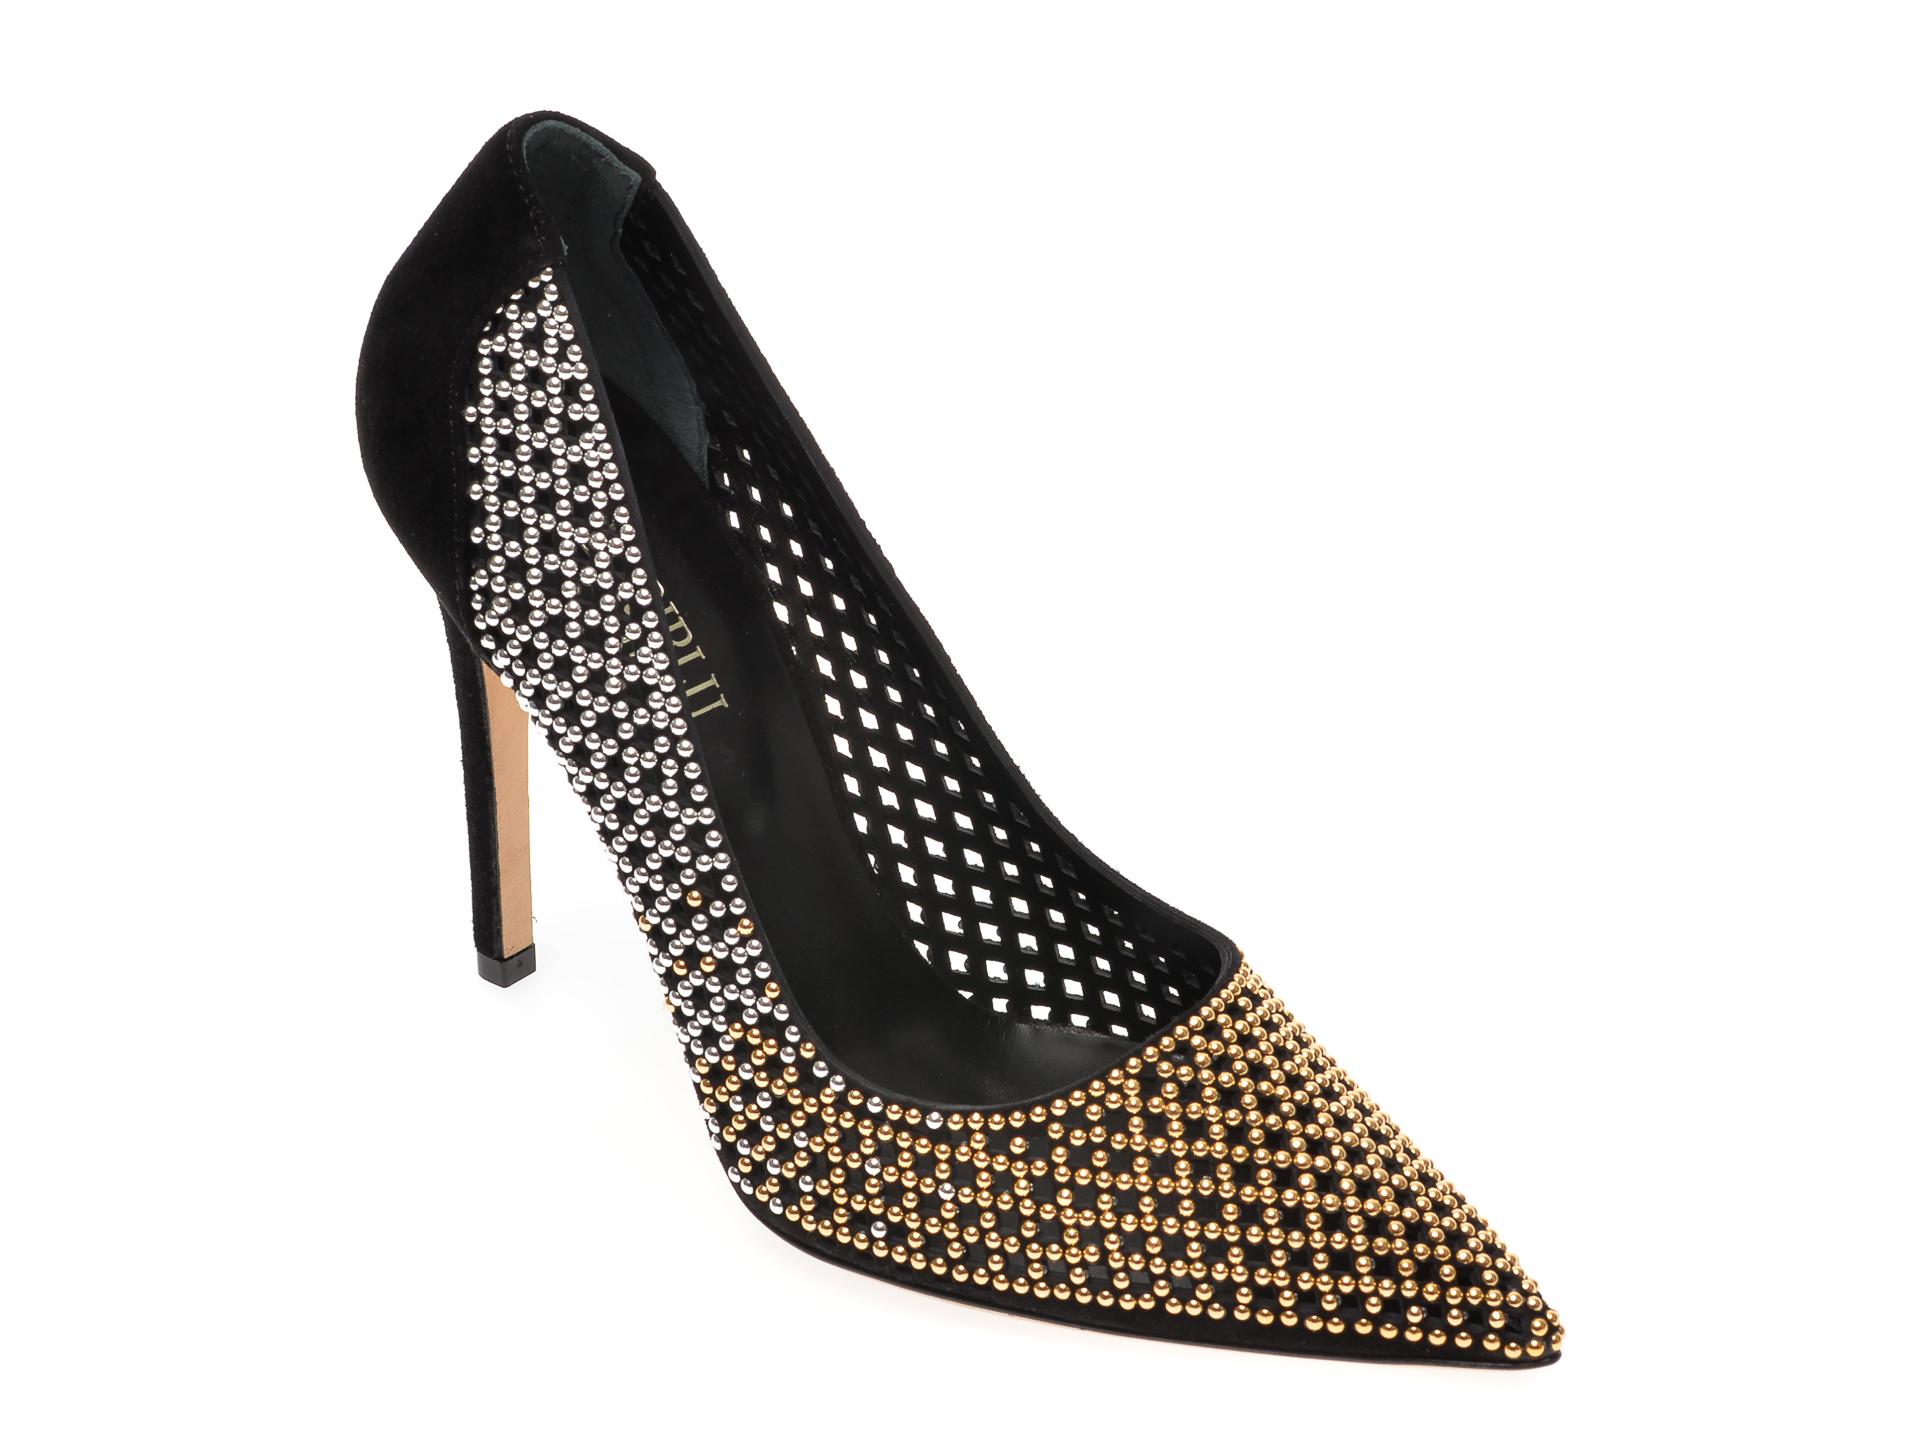 Pantofi Loriblu Negri, 1052, Din Piele Intoarsa